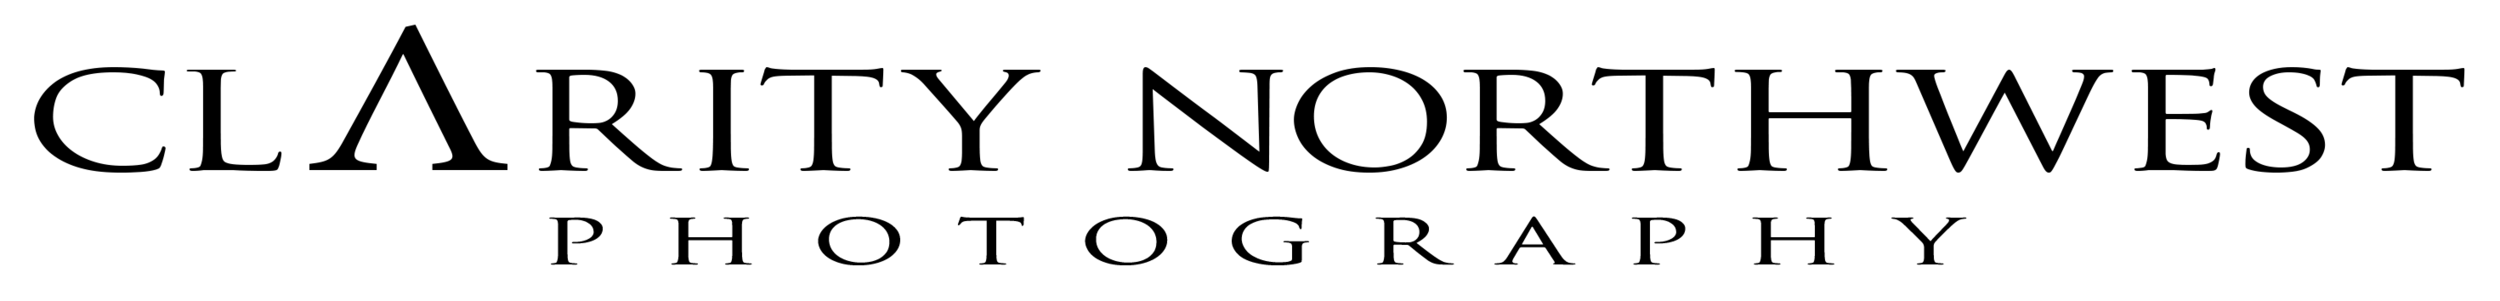 logo-3k-black-transparent.png